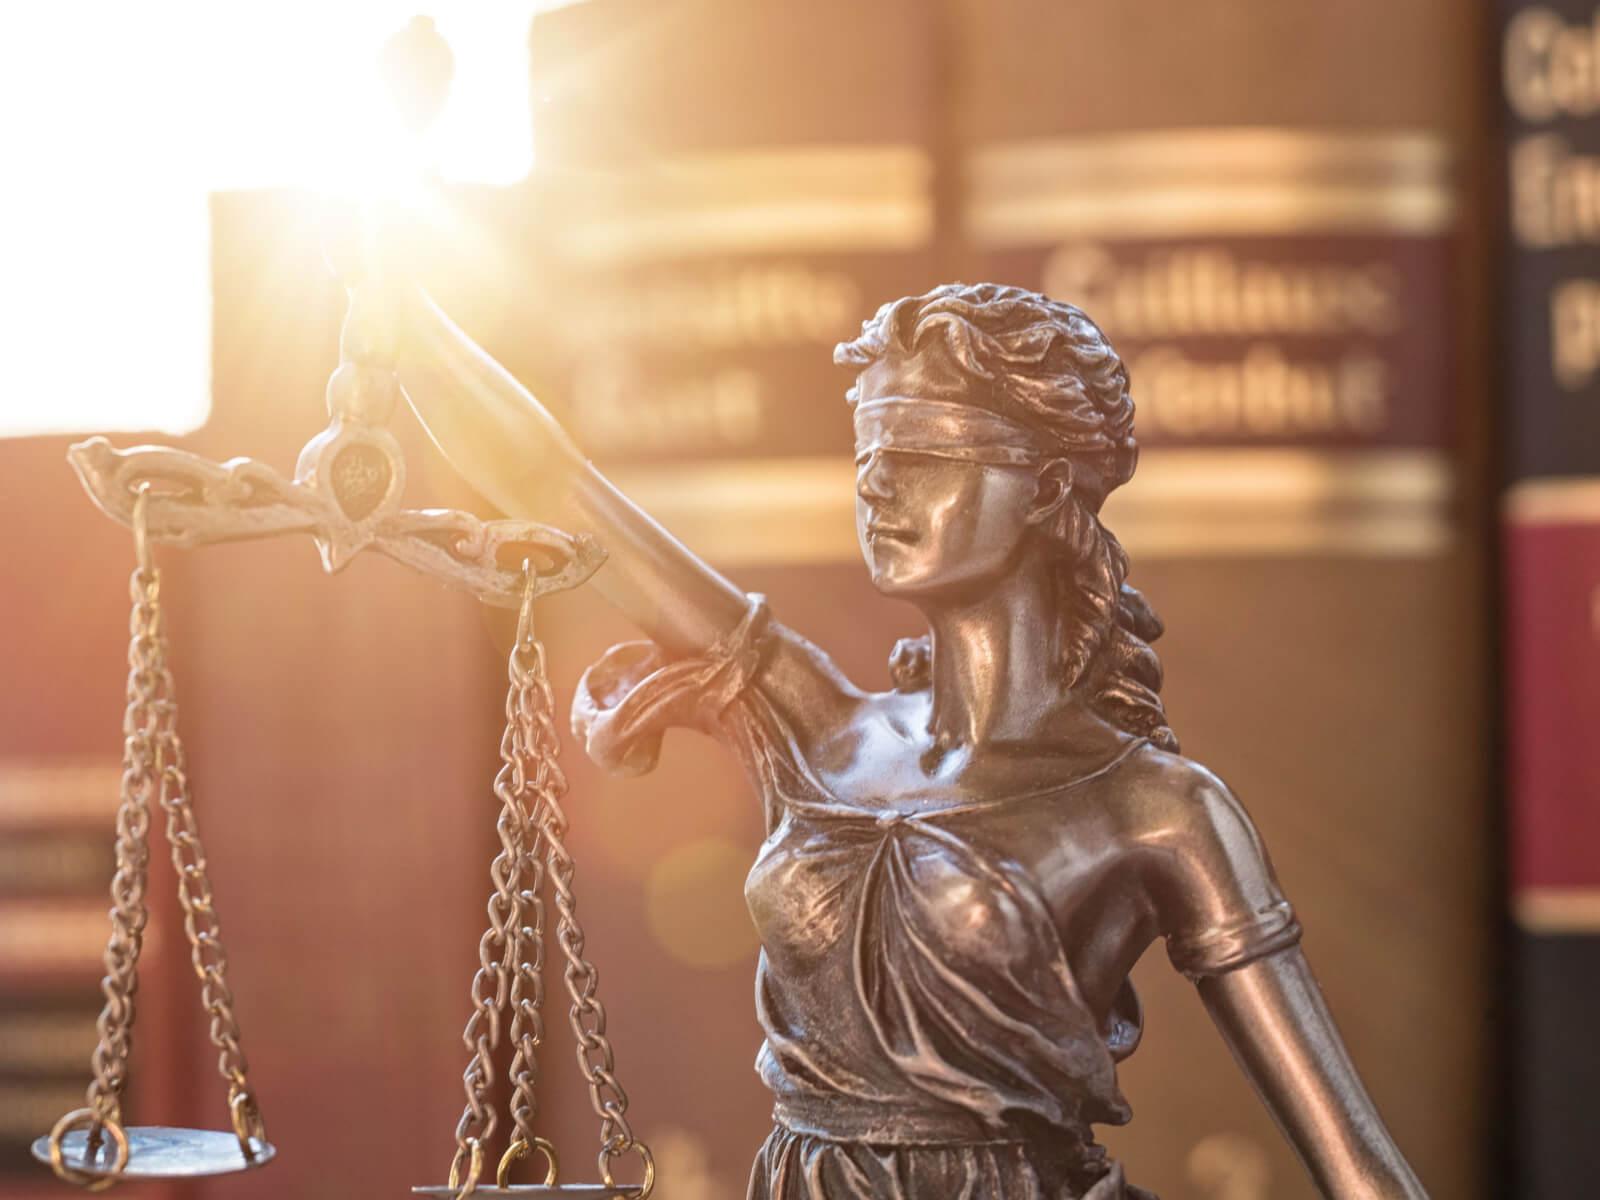 Дневник прохождения учебной практики юриста, для чего нужен документ, как правильно его заполнять, на что обратить внимание